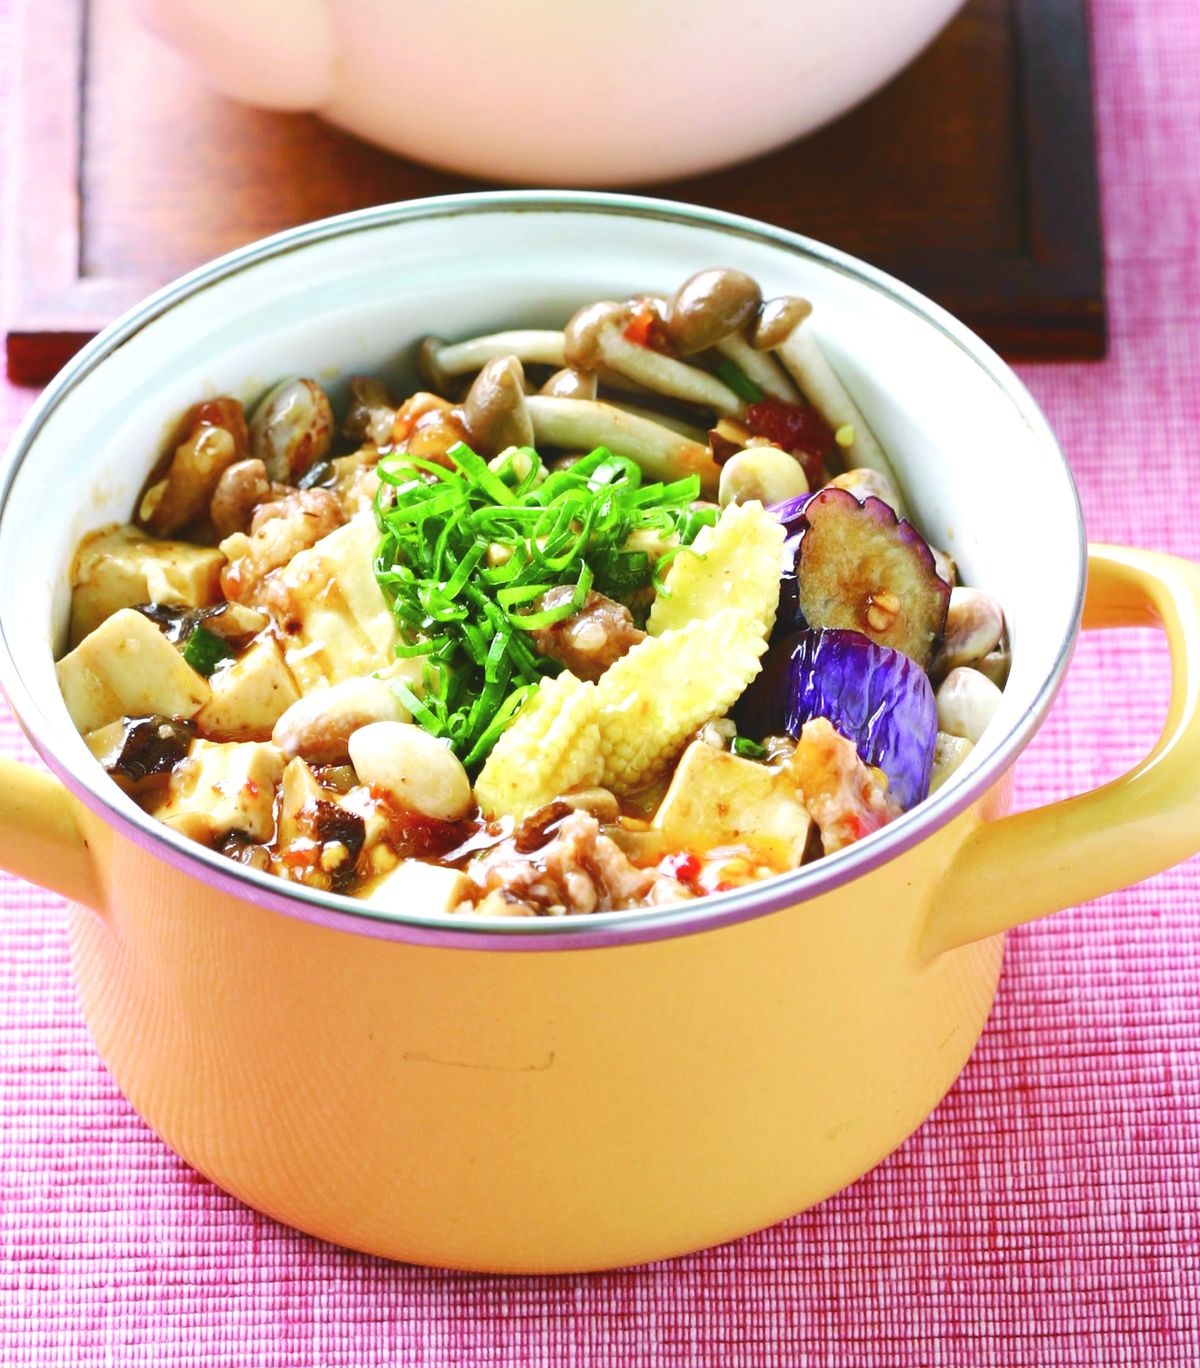 食譜:麻婆豆腐煲